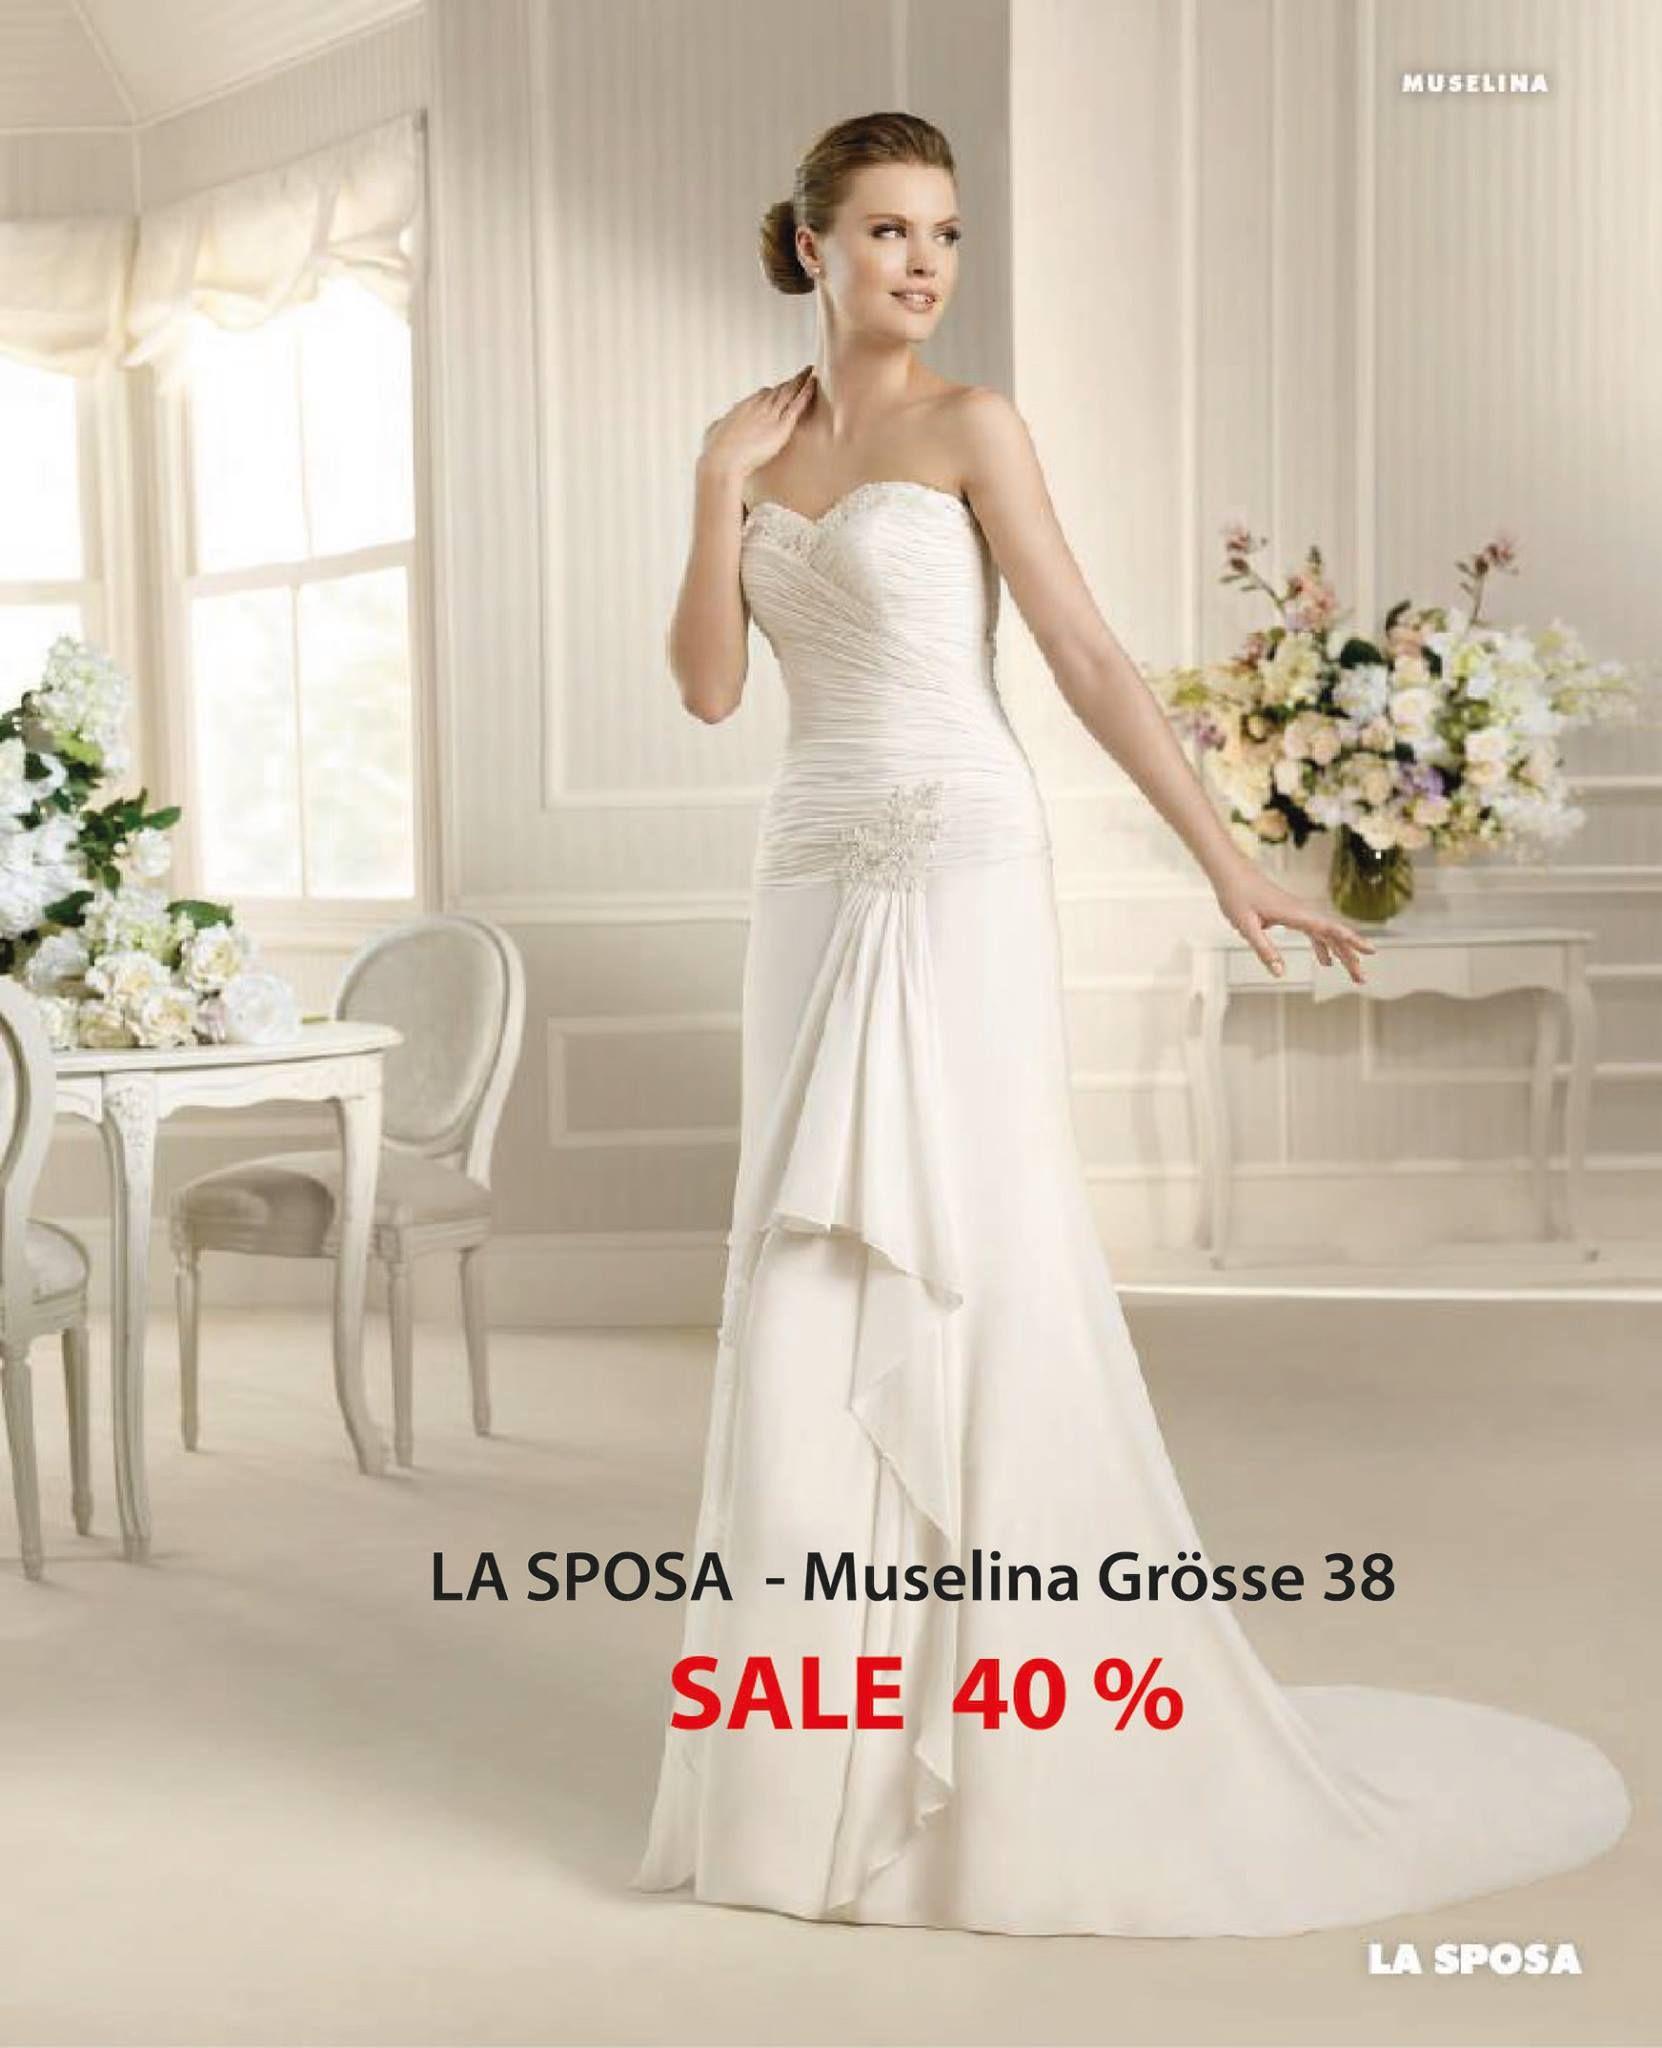 LA SPOSA Brautkleid  http://www.brautmode-diamore.de/